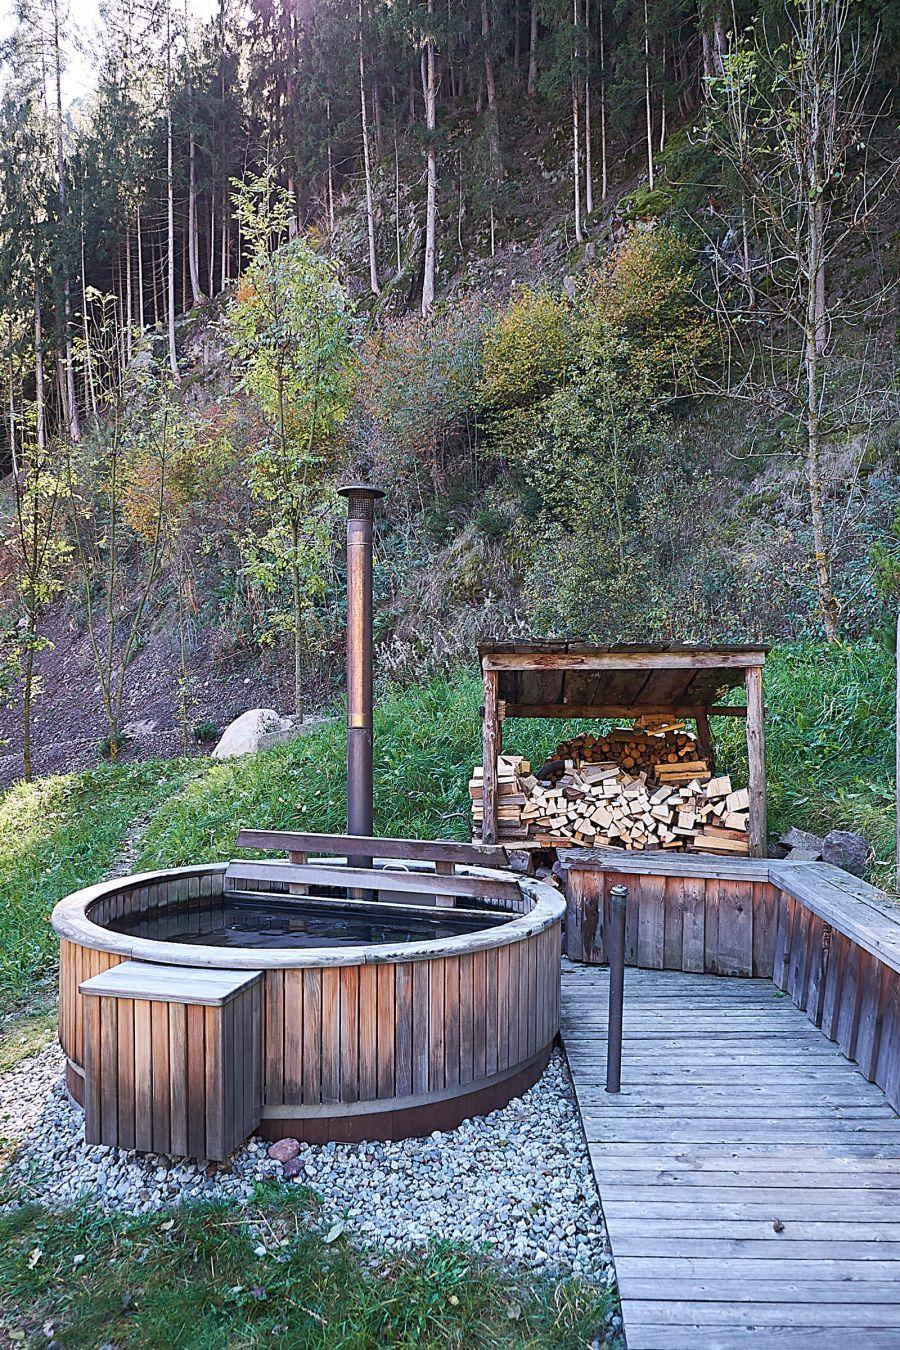 Beheizbarer Holz Zuber für Temperaturen über 37°C.